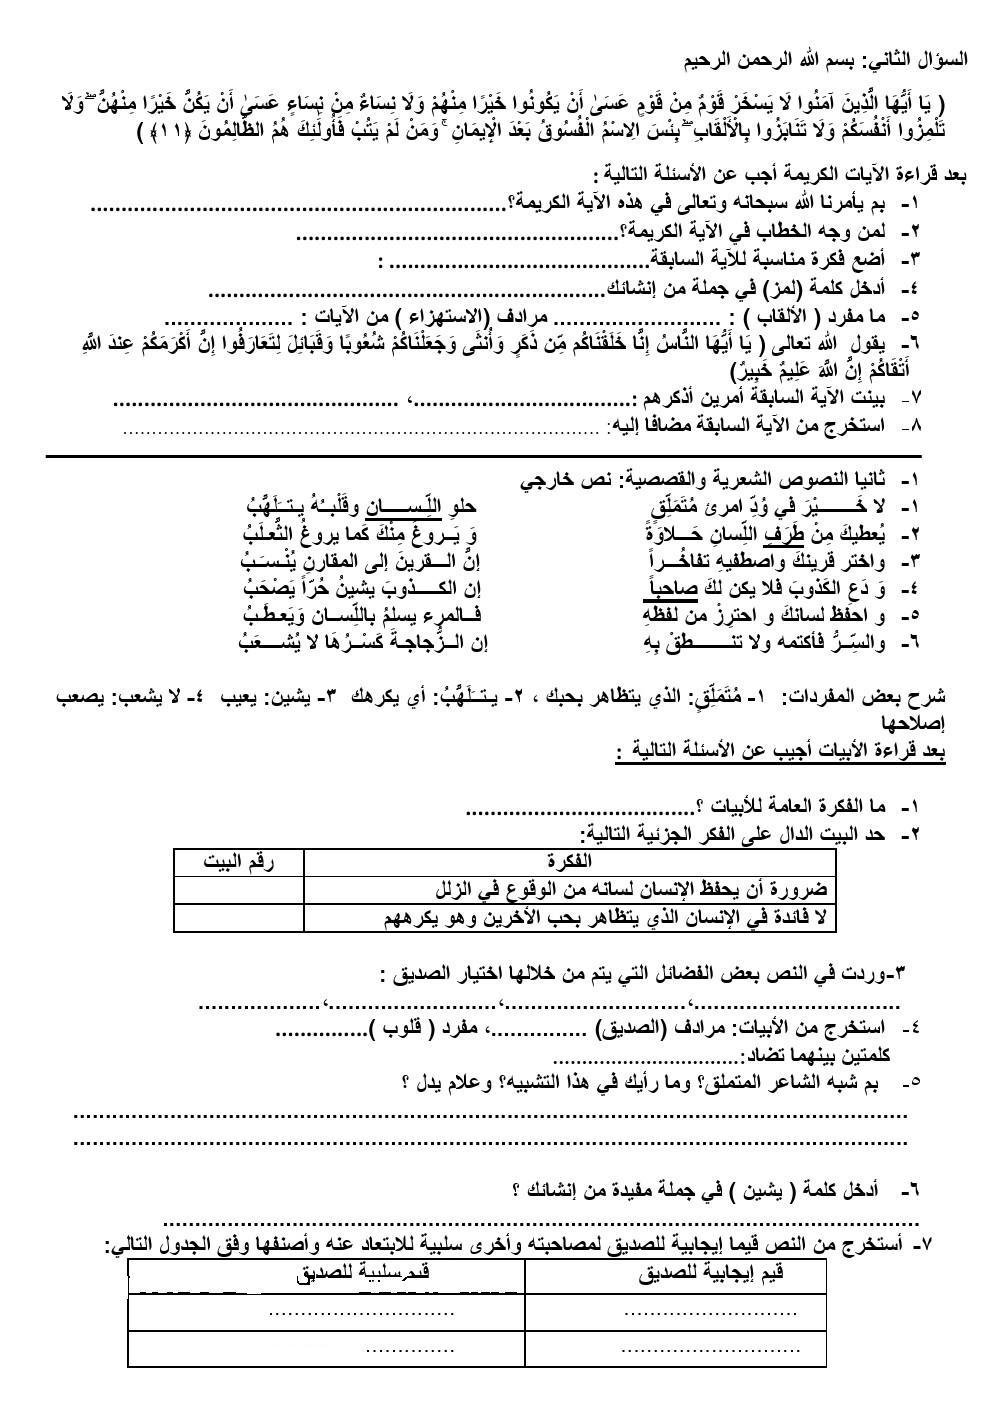 نموذج امتحان تجريبي في اللغة العربية